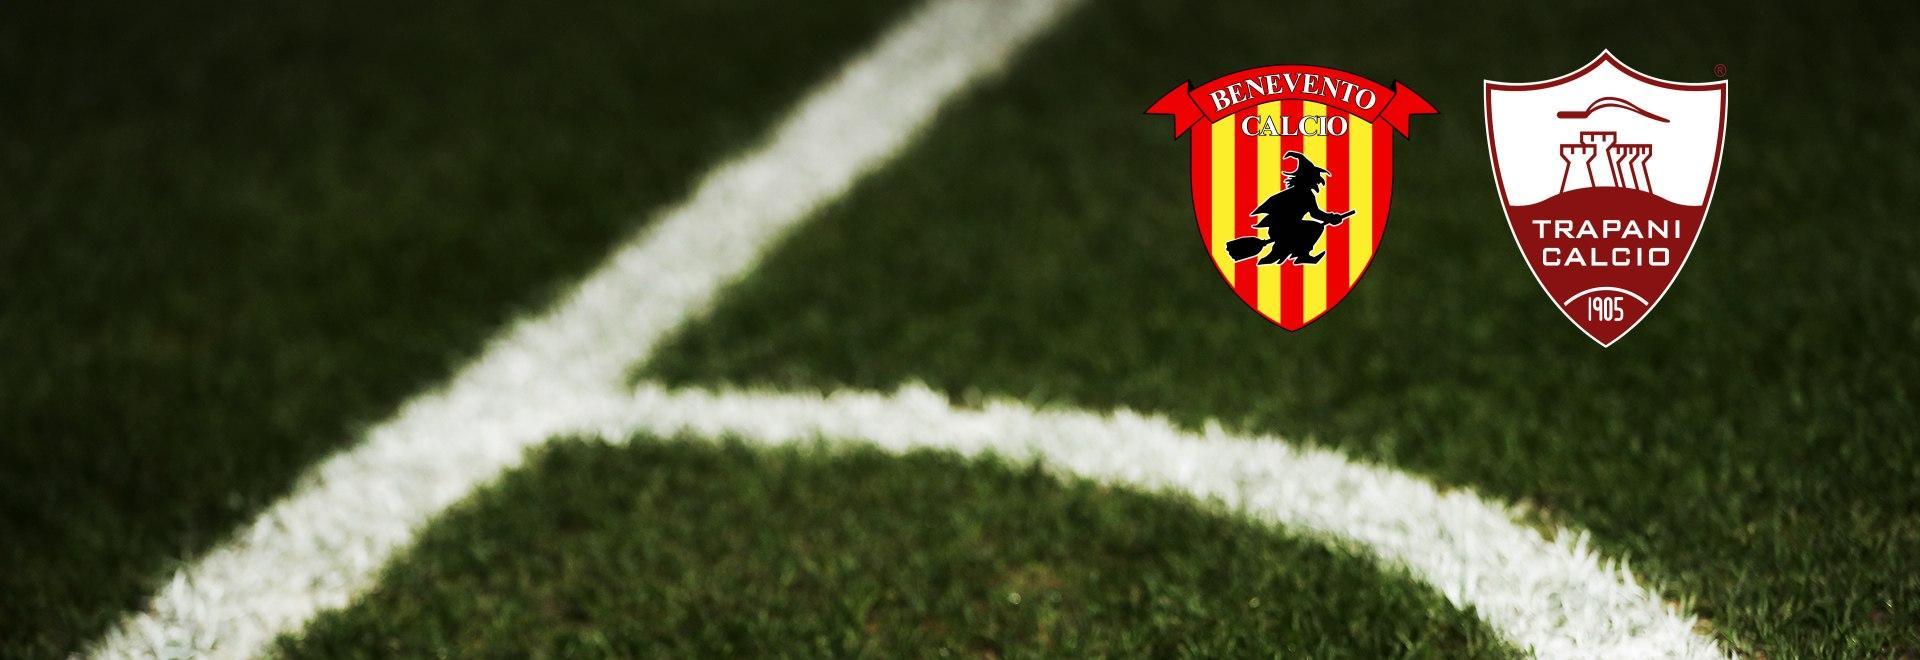 Benevento - Trapani. 15a g.